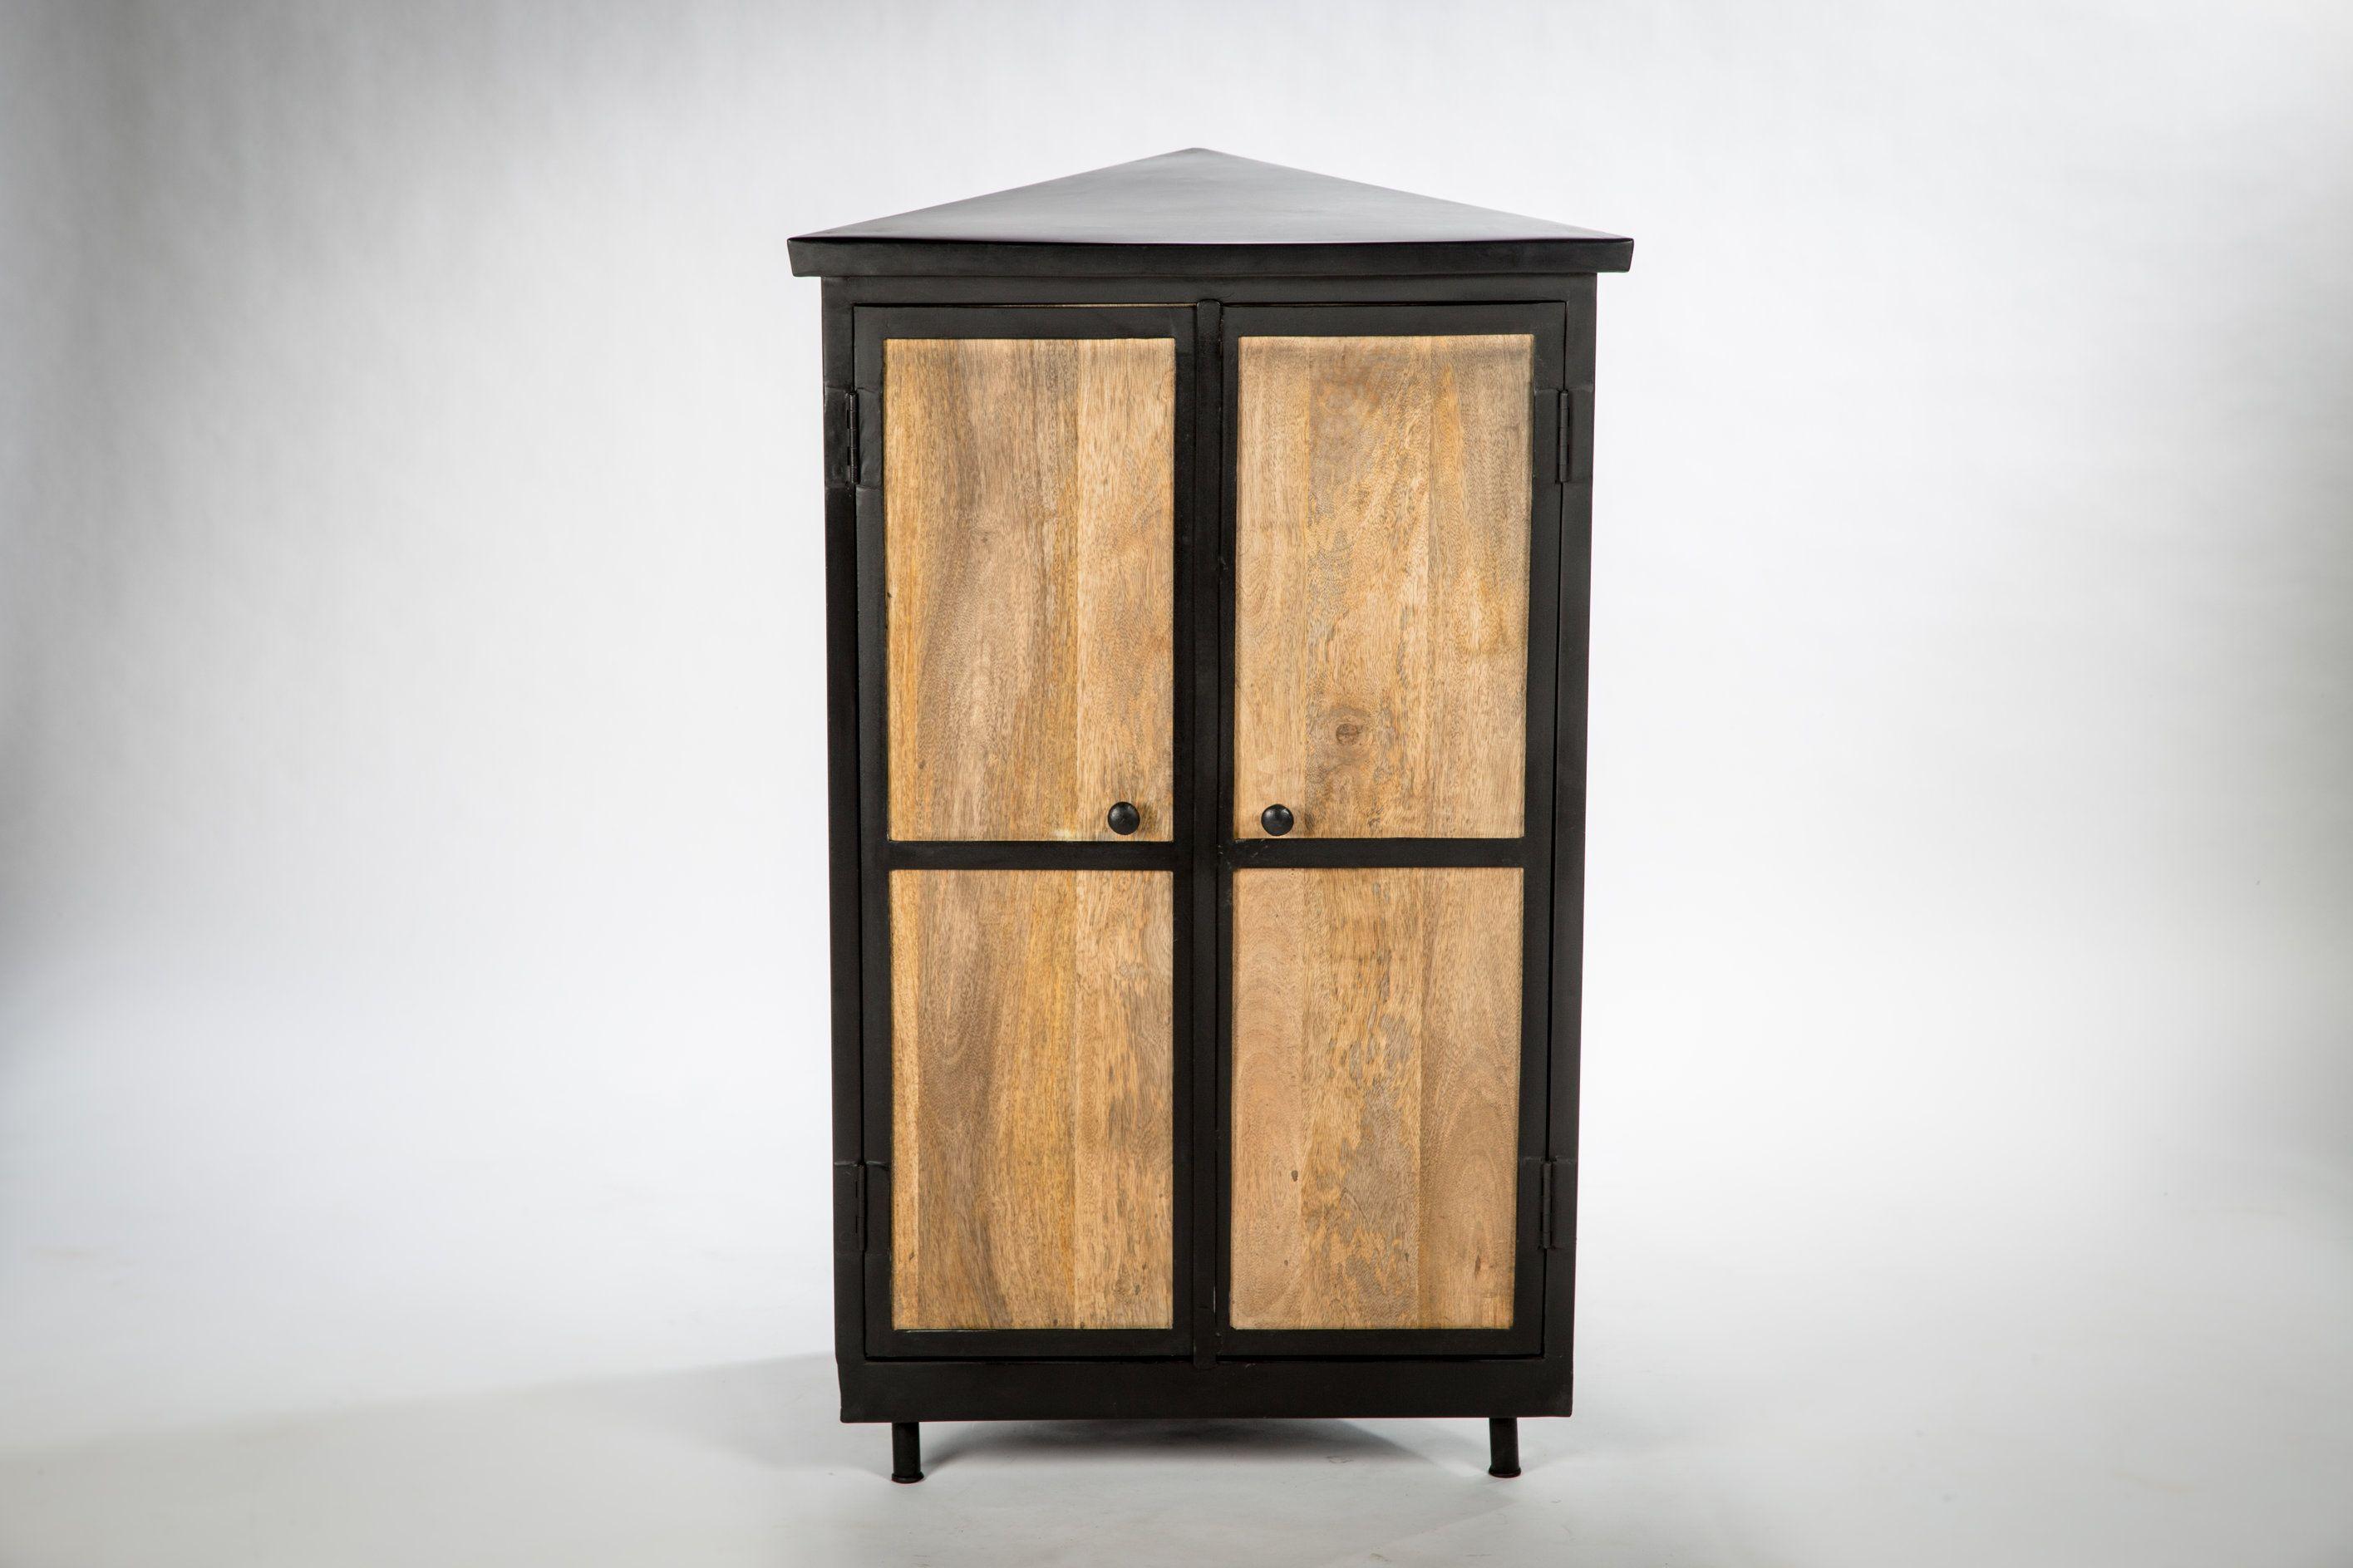 meuble d 39 angle design bois et m tal tr s fonctionnel et. Black Bedroom Furniture Sets. Home Design Ideas